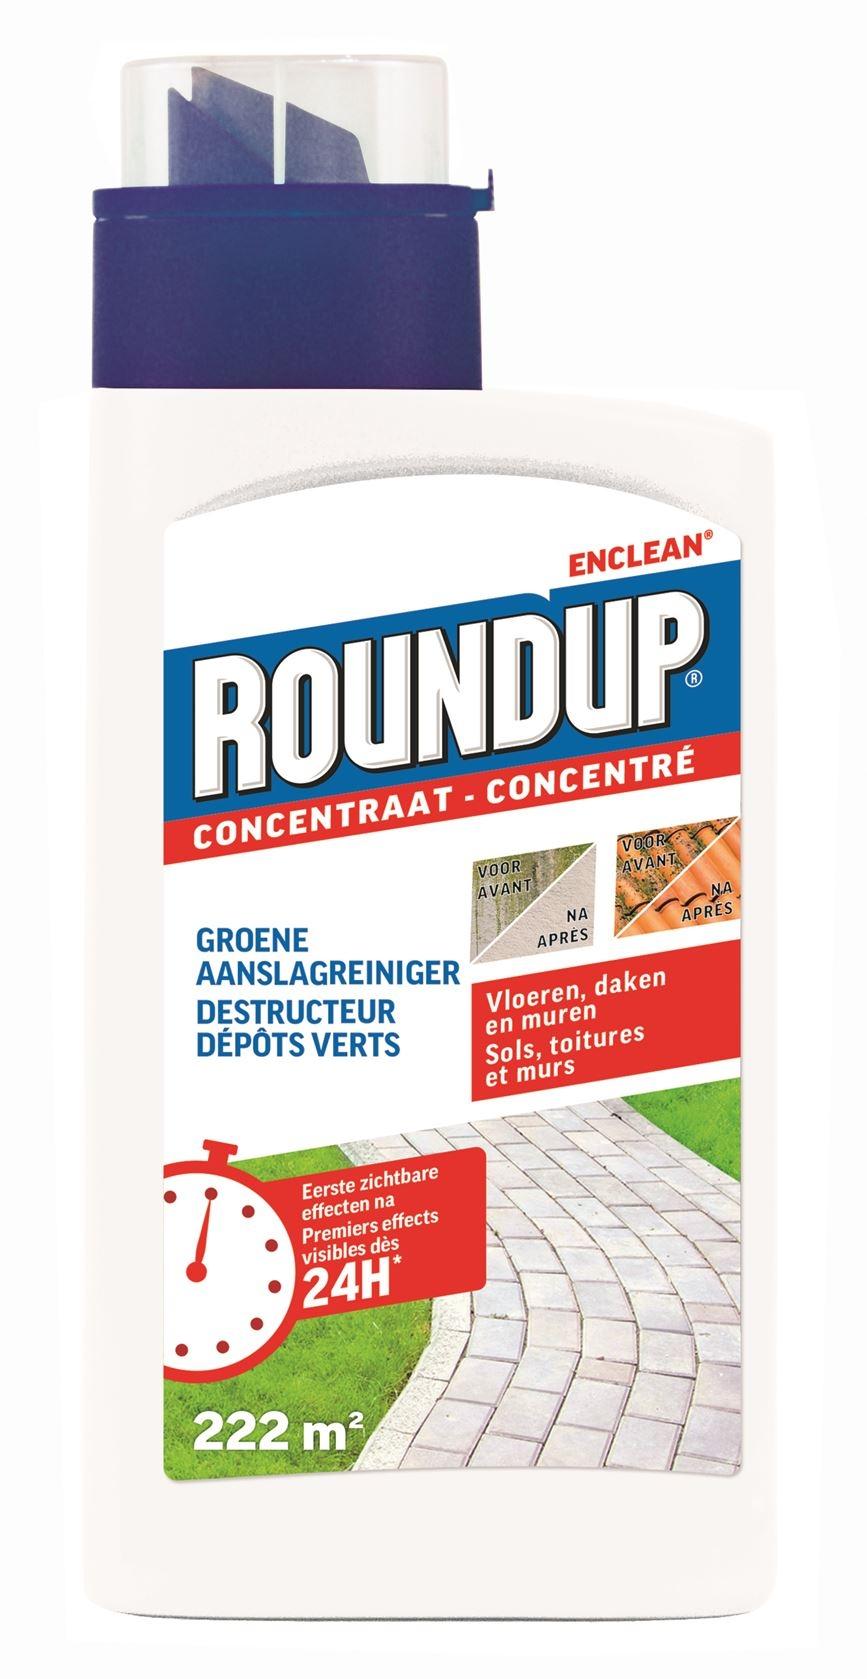 Groene aanslagreiniger Roundup 222m²